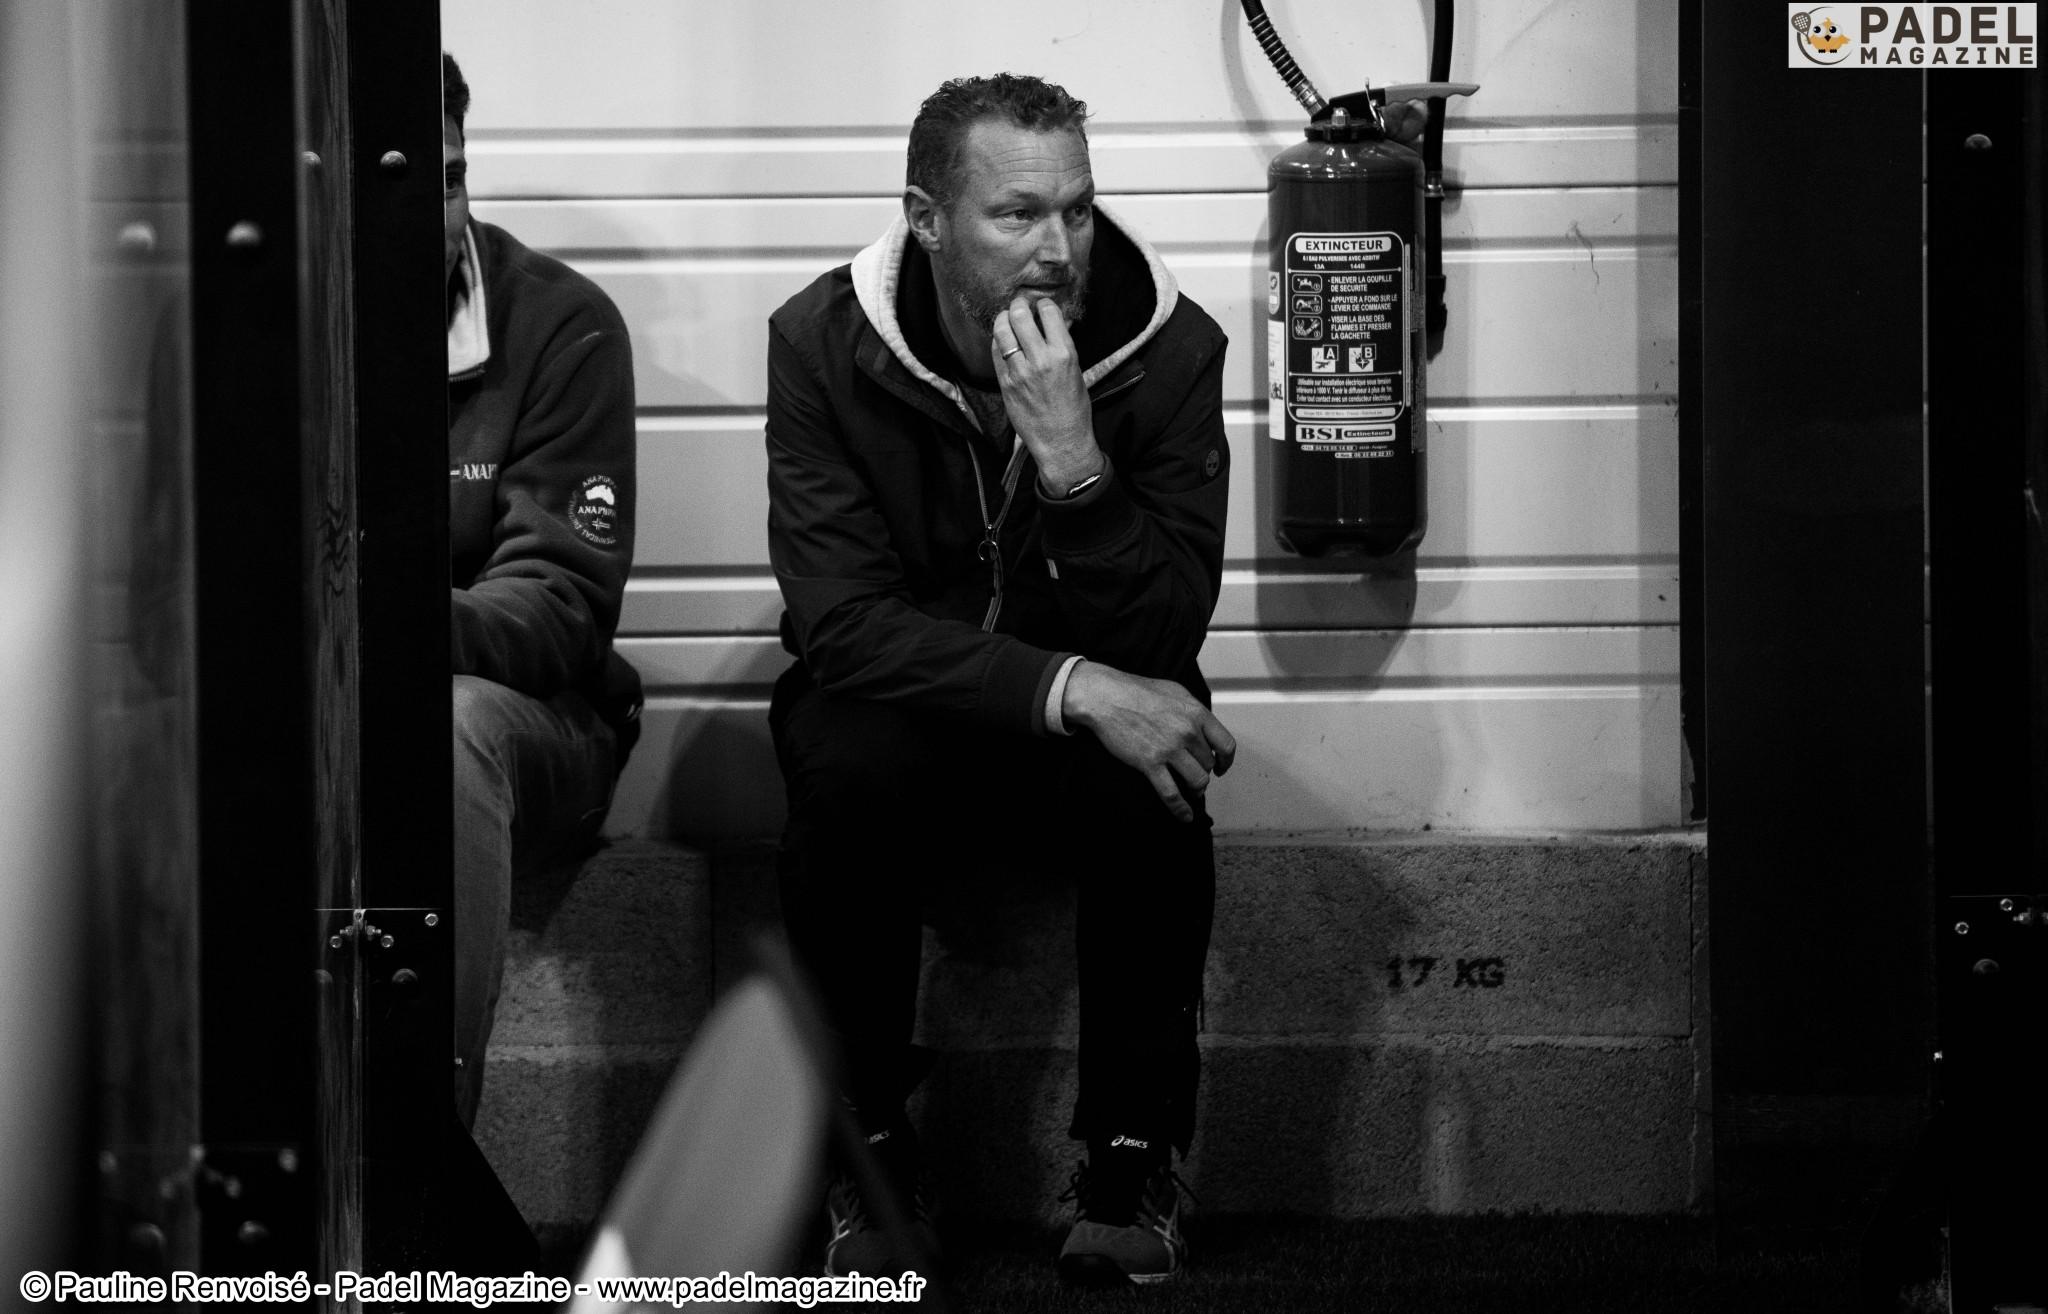 Jean-Michel Pequery : «Le padel, un sport compliqué à gérer mentalement»